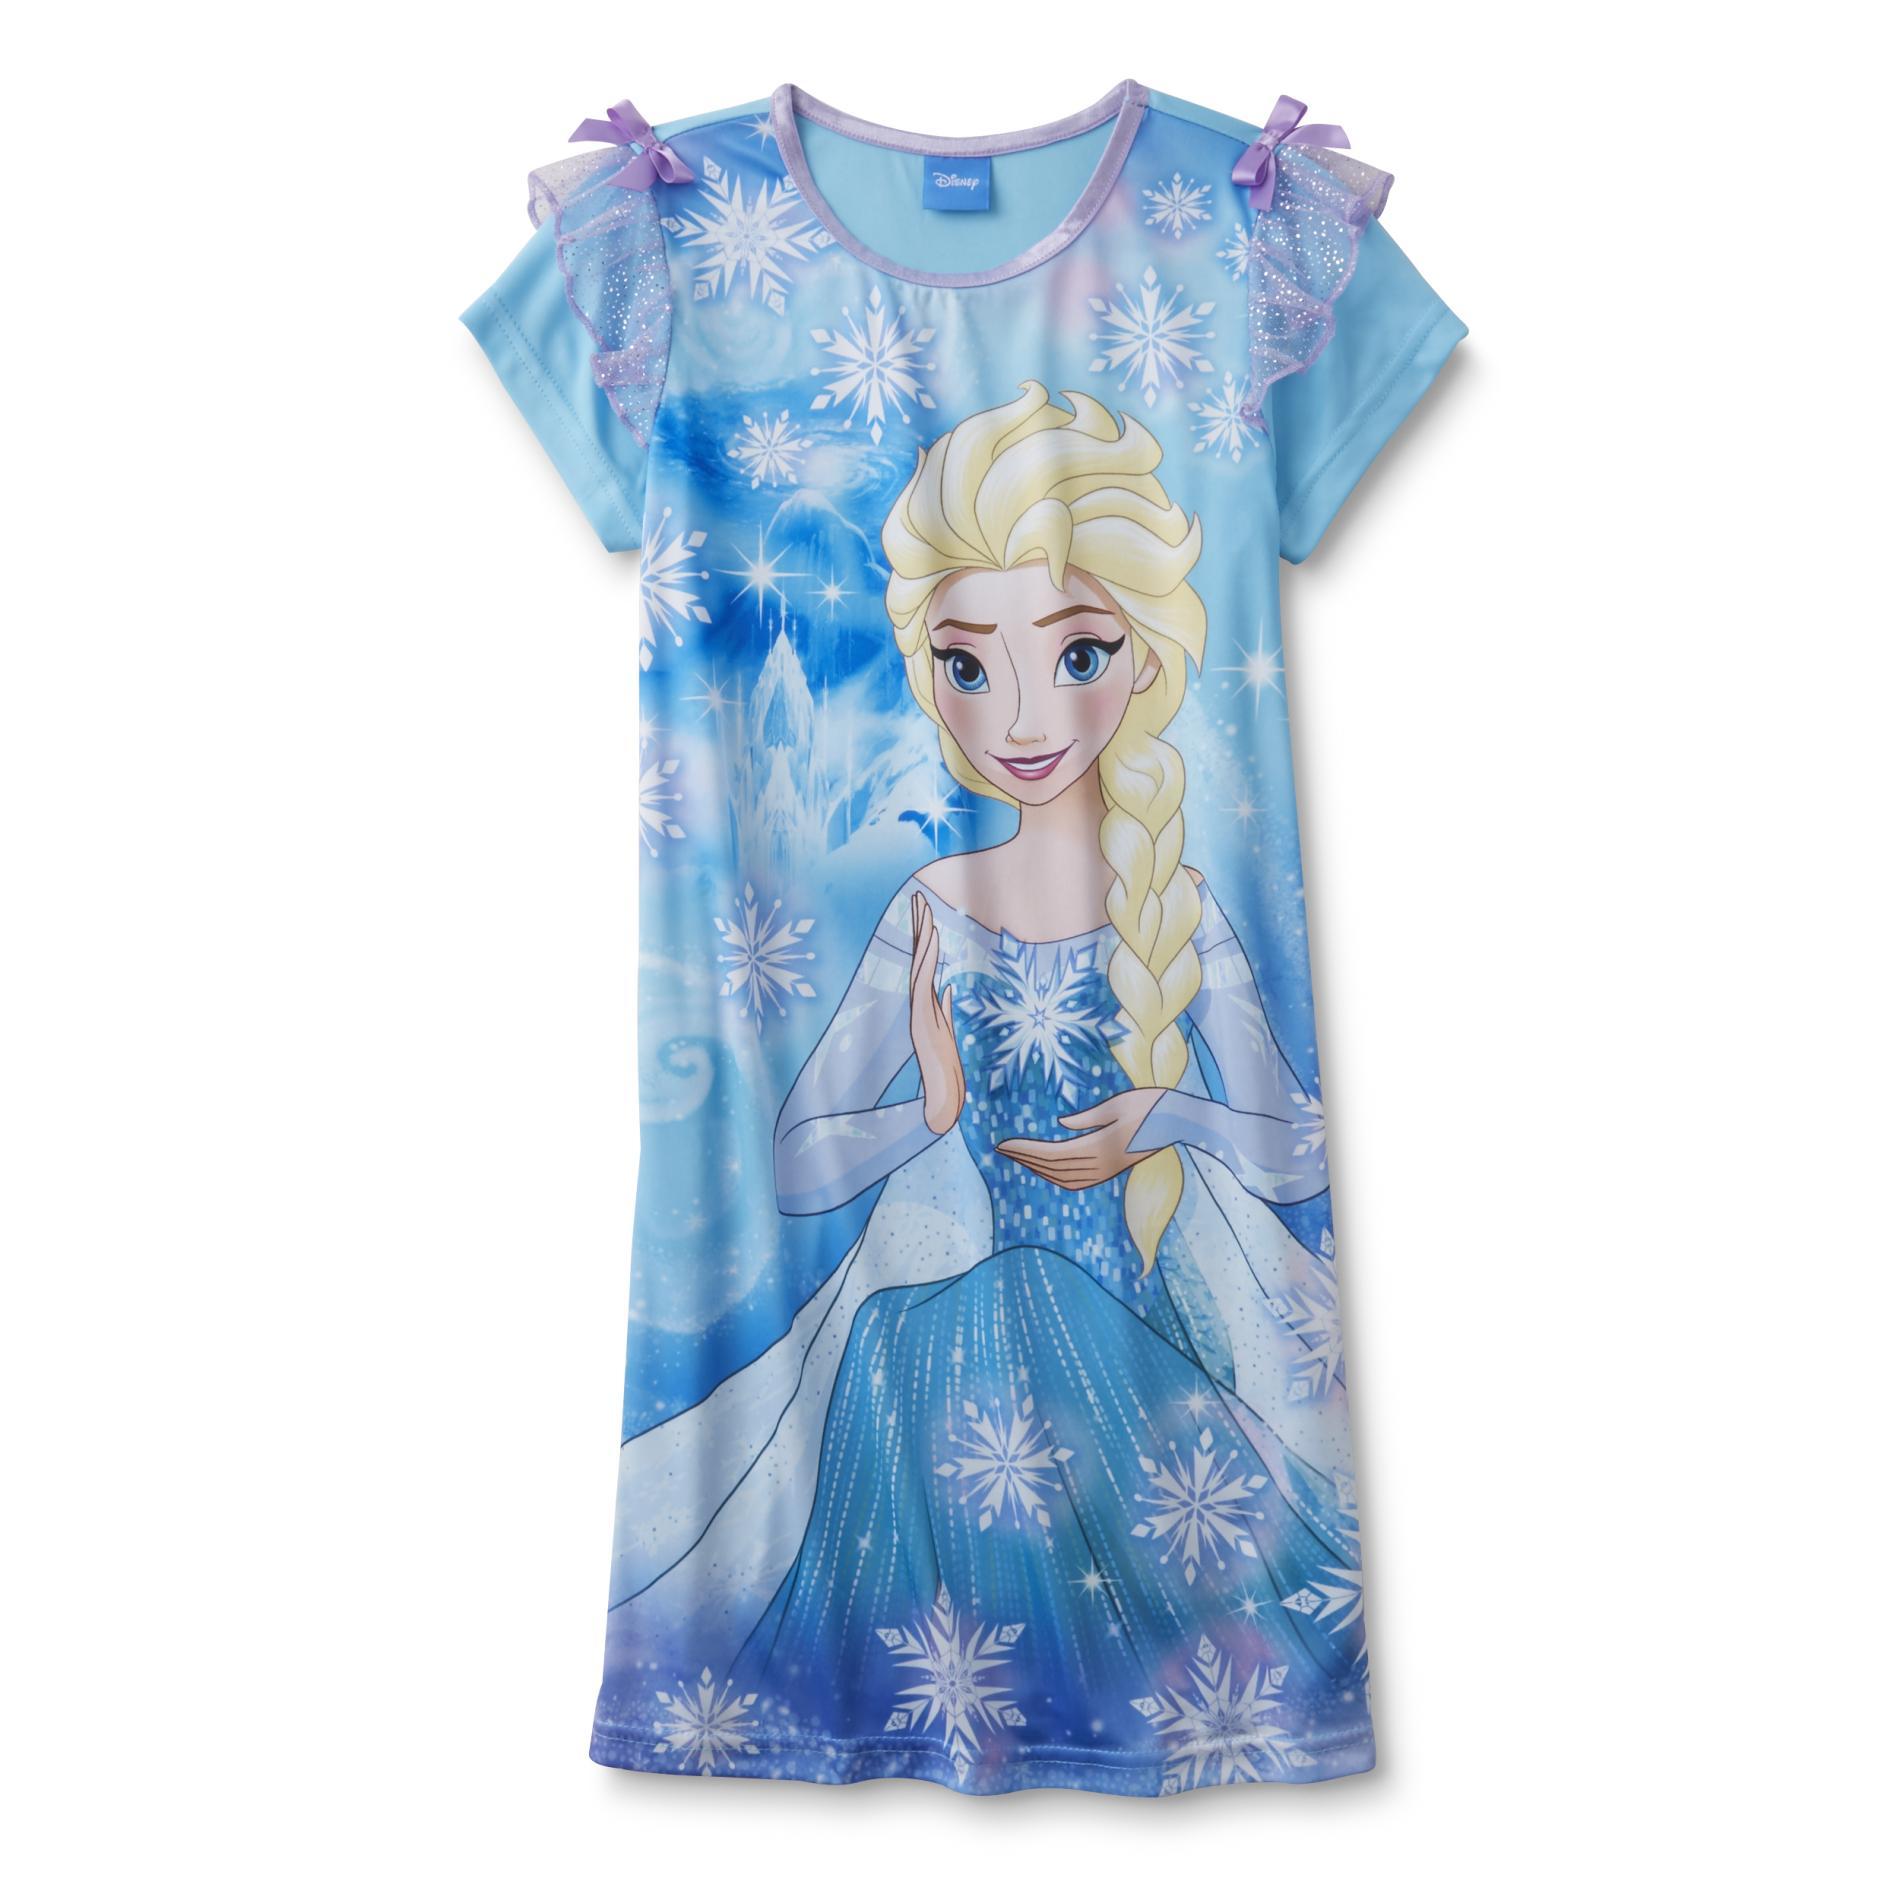 Frozen Girl's Nightgown - Elsa